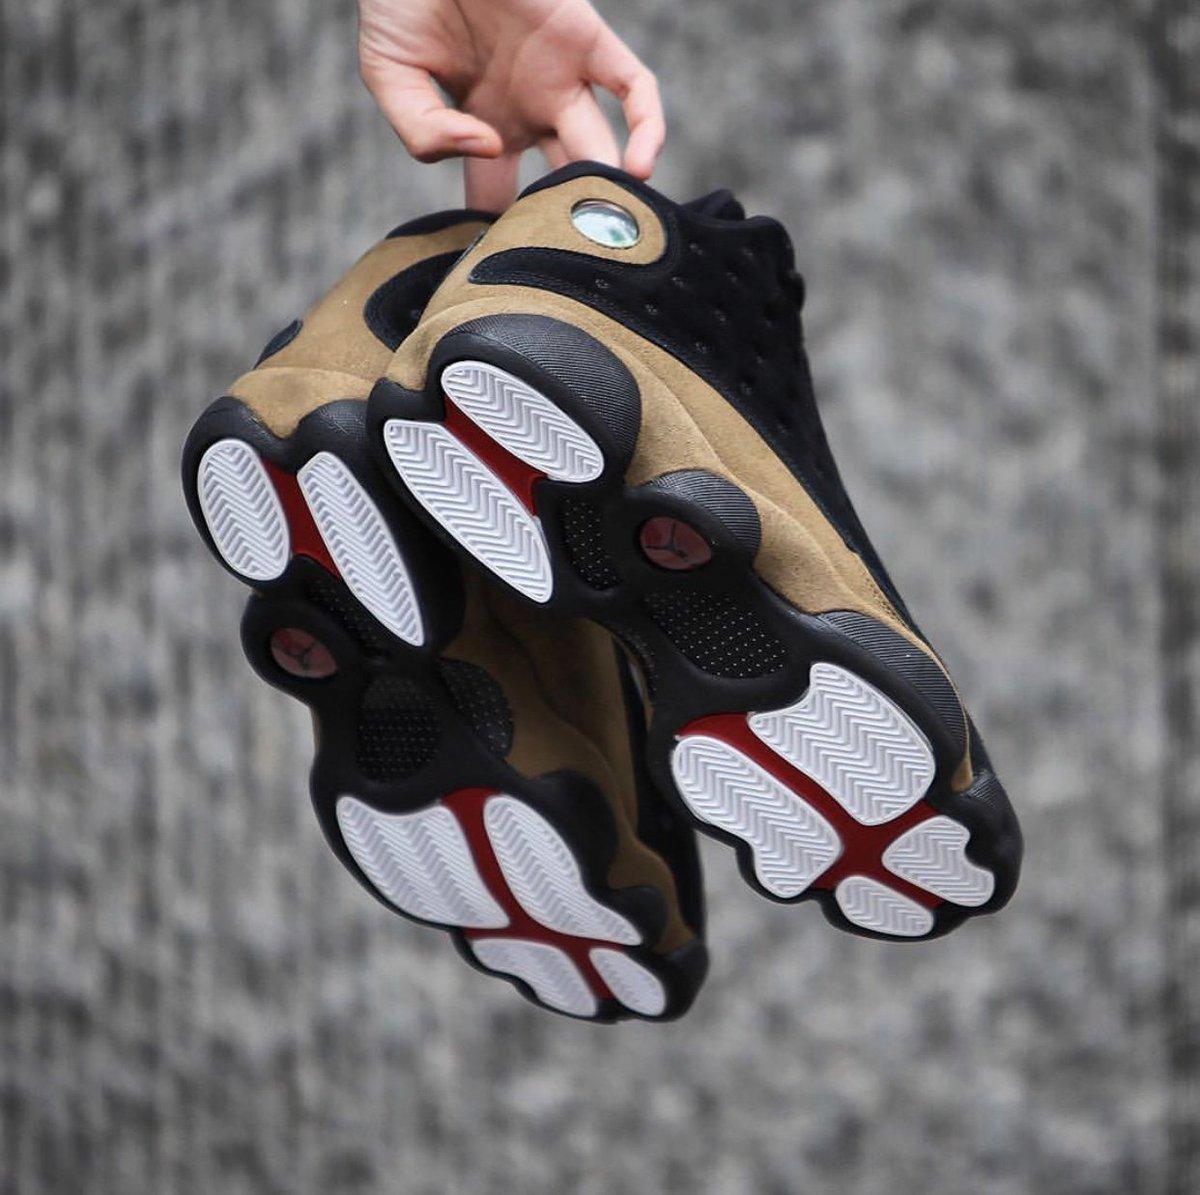 c6f8da527f2 ShoePalace.com on Twitter